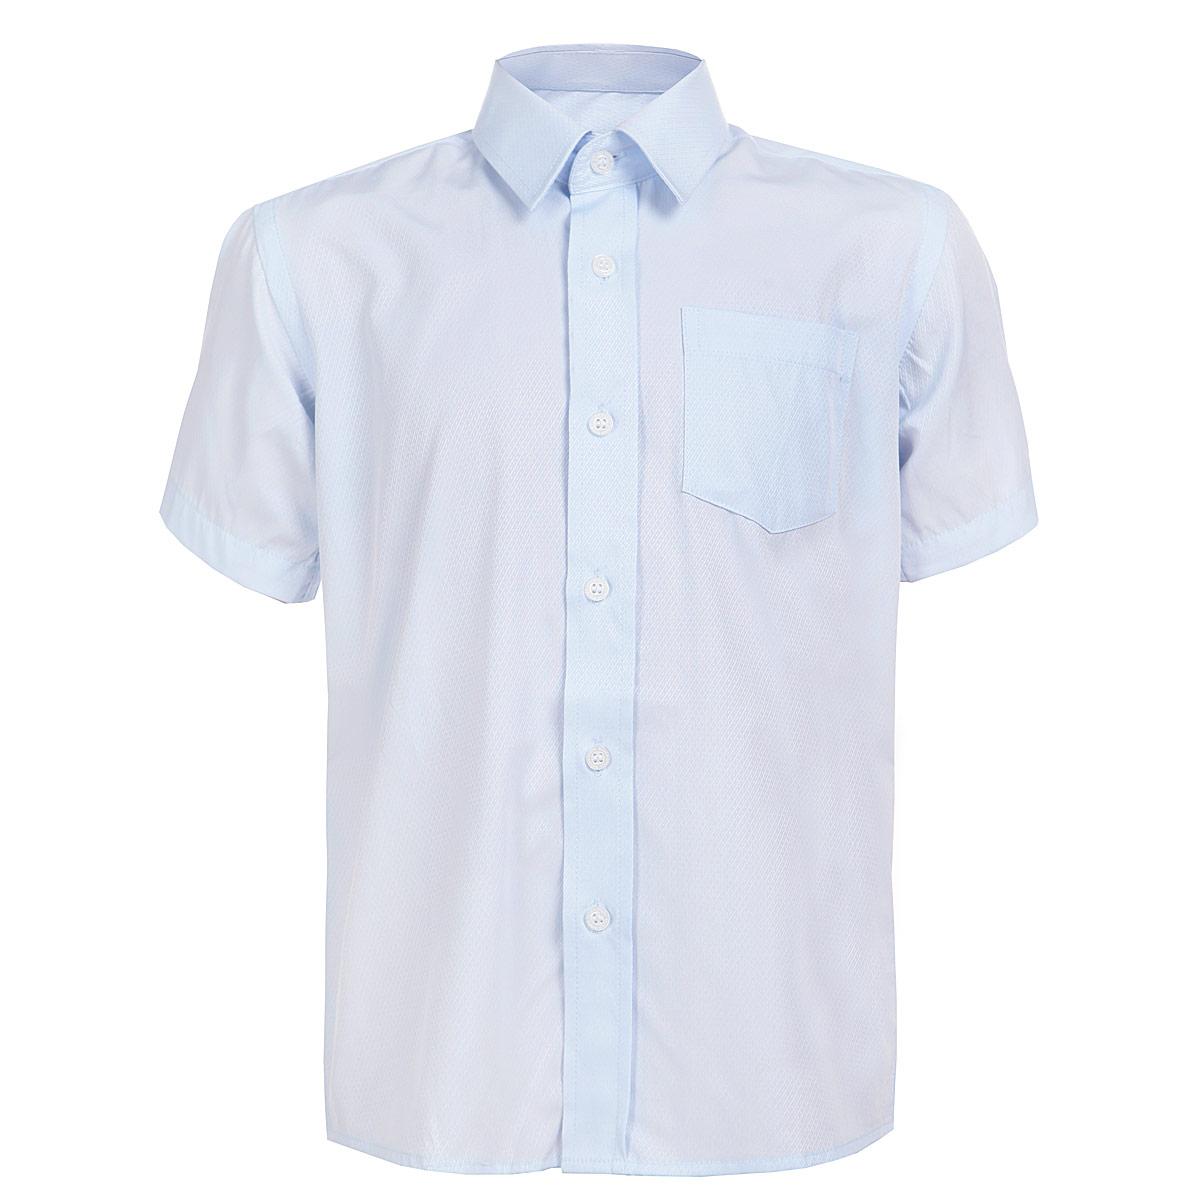 Рубашка для мальчика. SSB-52551SSB-52551_27-AСтильная рубашка для мальчика Silver Spoon идеально подойдет для школы. Изготовленная из хлопкового материала с добавлением полиэстера, она необычайно мягкая, легкая и приятная на ощупь, не сковывает движения и позволяет коже дышать, не раздражает даже самую нежную и чувствительную кожу ребенка, обеспечивая ему наибольший комфорт. Рубашка с короткими рукавами и отложным воротничком застегивается на пуговицы. На груди предусмотрен накладной кармашек. Низ модели по бокам закруглен. Оформлена рубашка вышивкой в виде орнамента по всей поверхности. Такая рубашка - незаменимая вещь для школьной формы, отлично сочетается с брюками, жилетами и пиджаками.